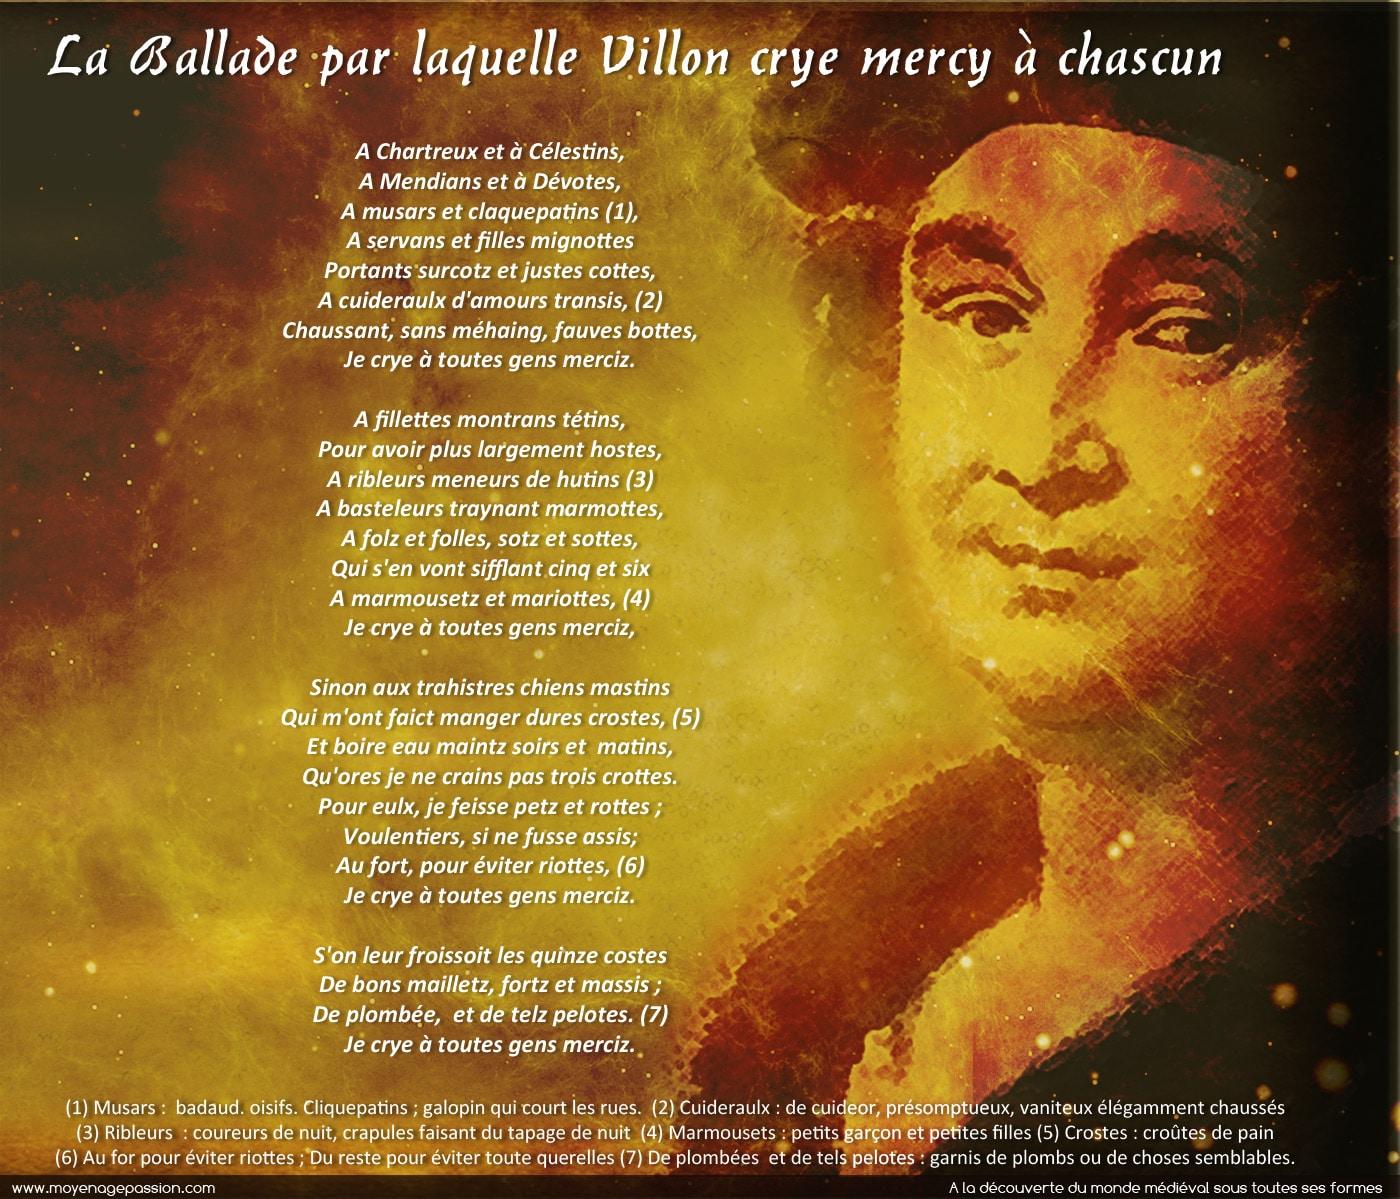 francois_villon_ballade_de_merci_mercy_poesie_medievale_moyen-age_tardif